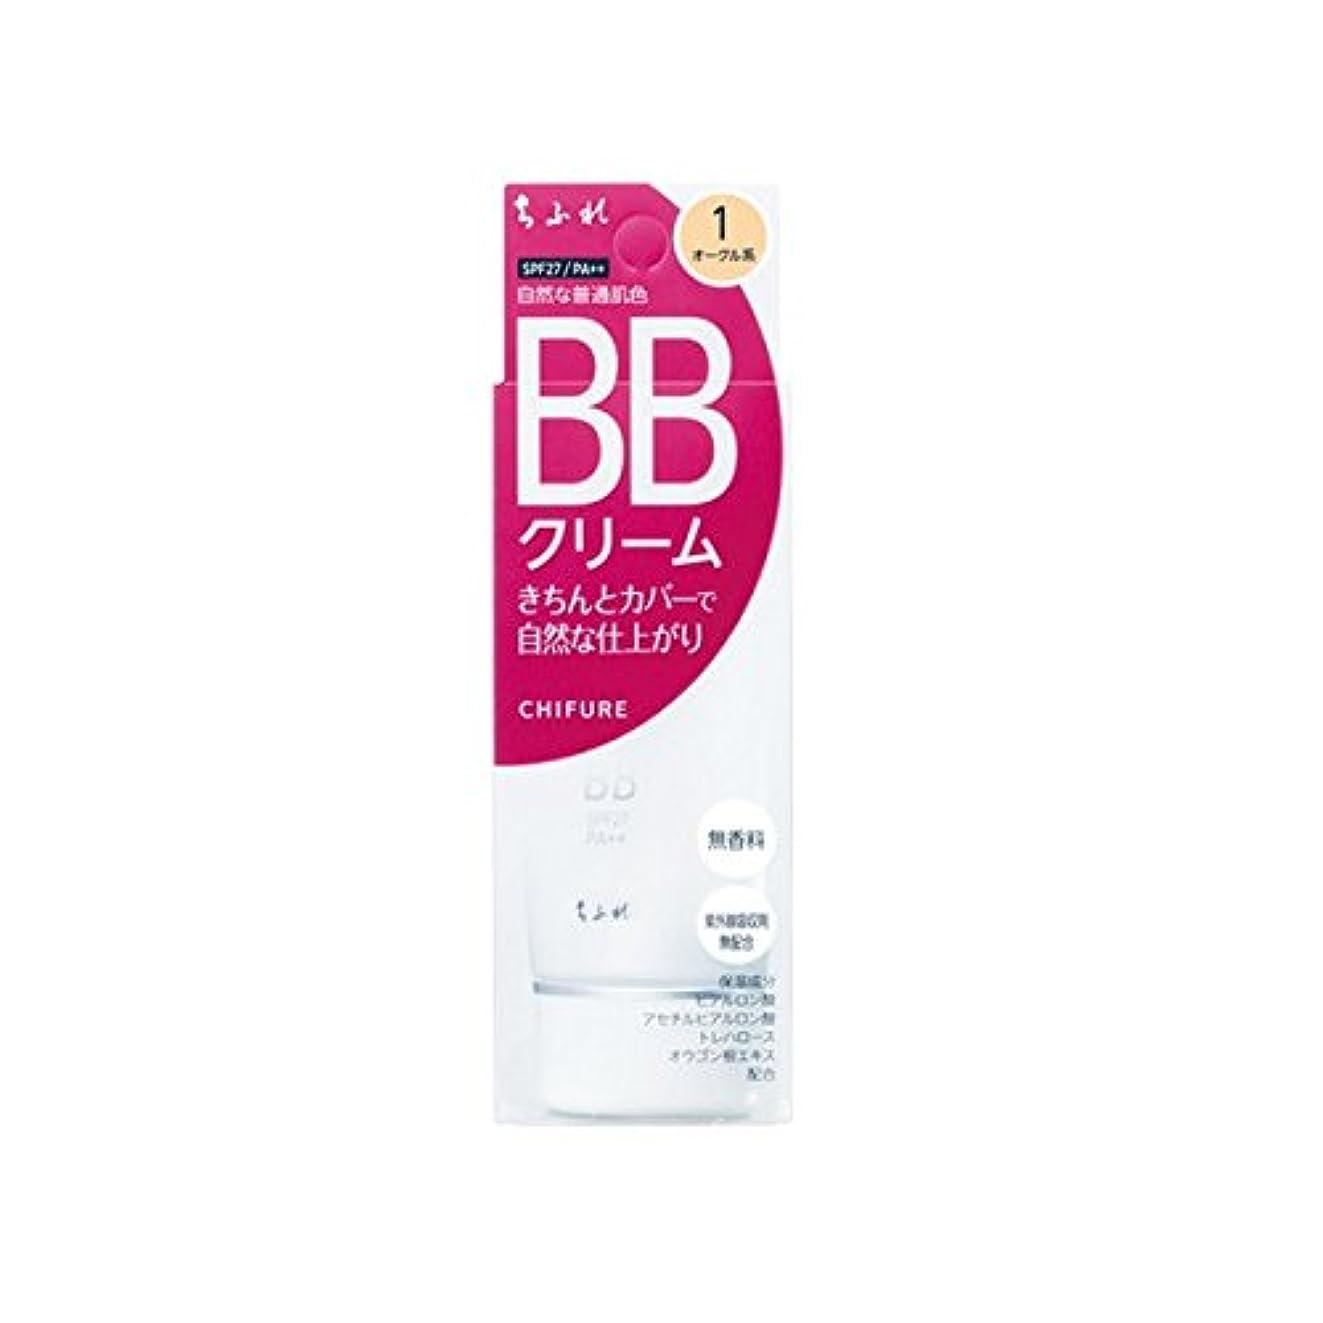 アクセントすべてイタリックちふれ化粧品 BB クリーム 1 自然な普通肌色 BBクリーム 1